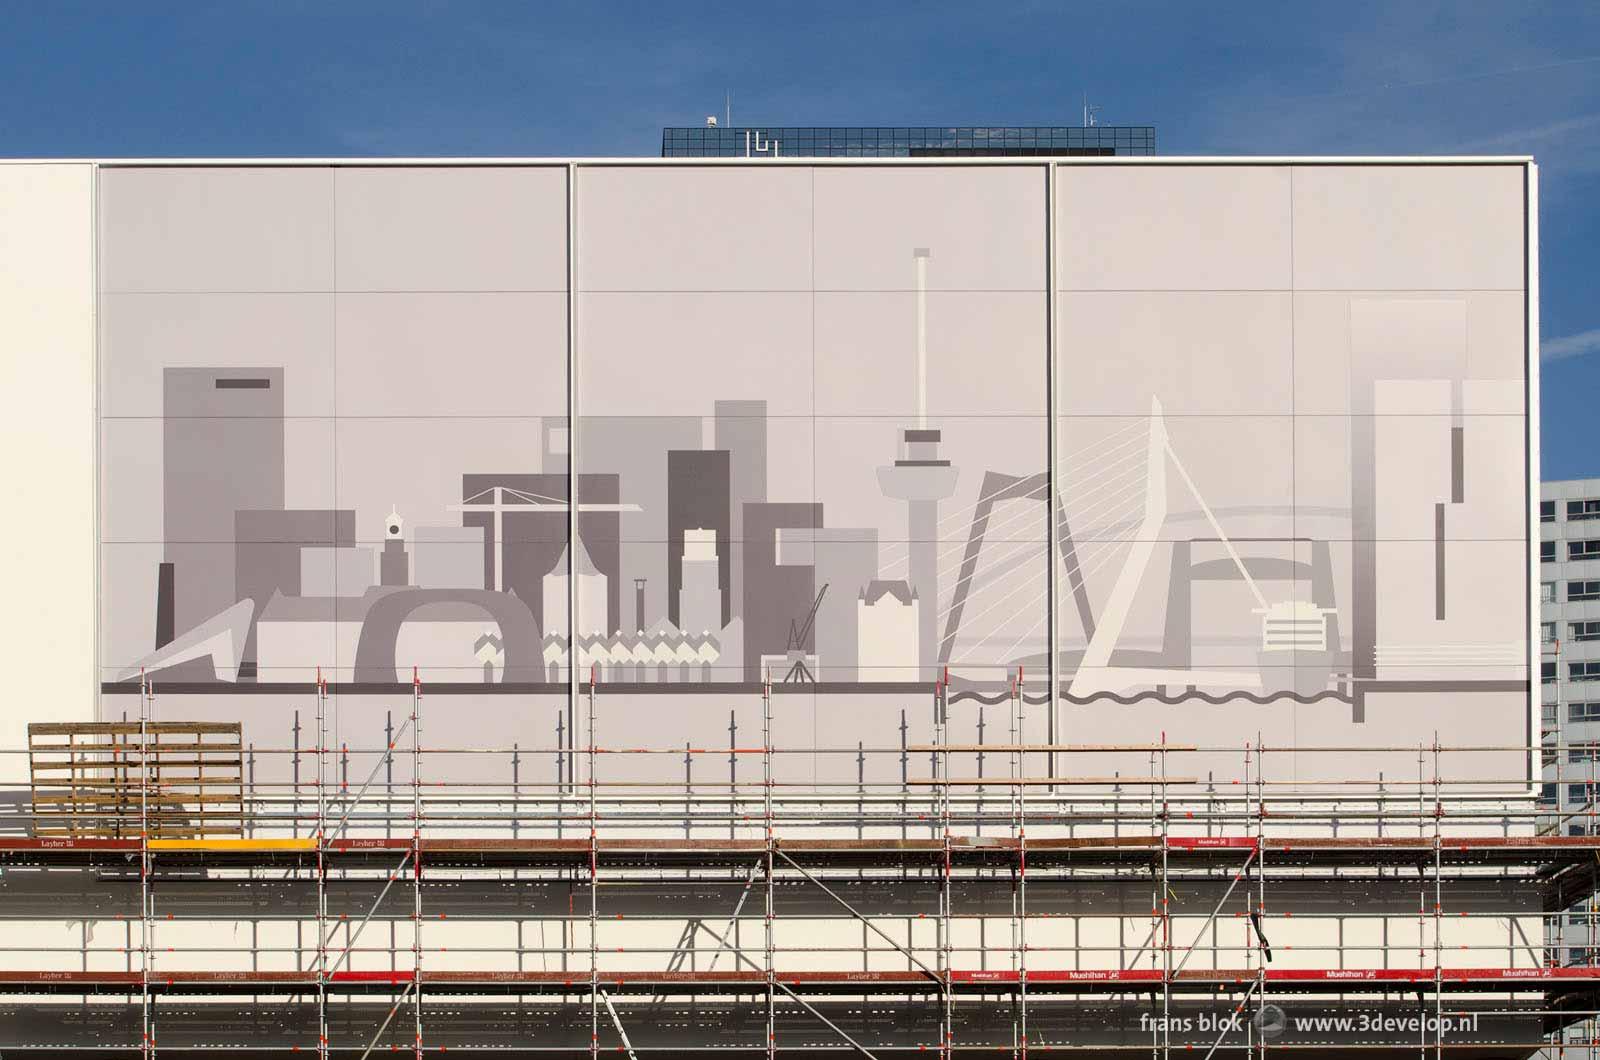 De voorgevel van de Pathé-bioscoop op het Schouwburgplein, nog gedeeltelijk in de steigers, met de afbeelding van de skyline van Rotterdam